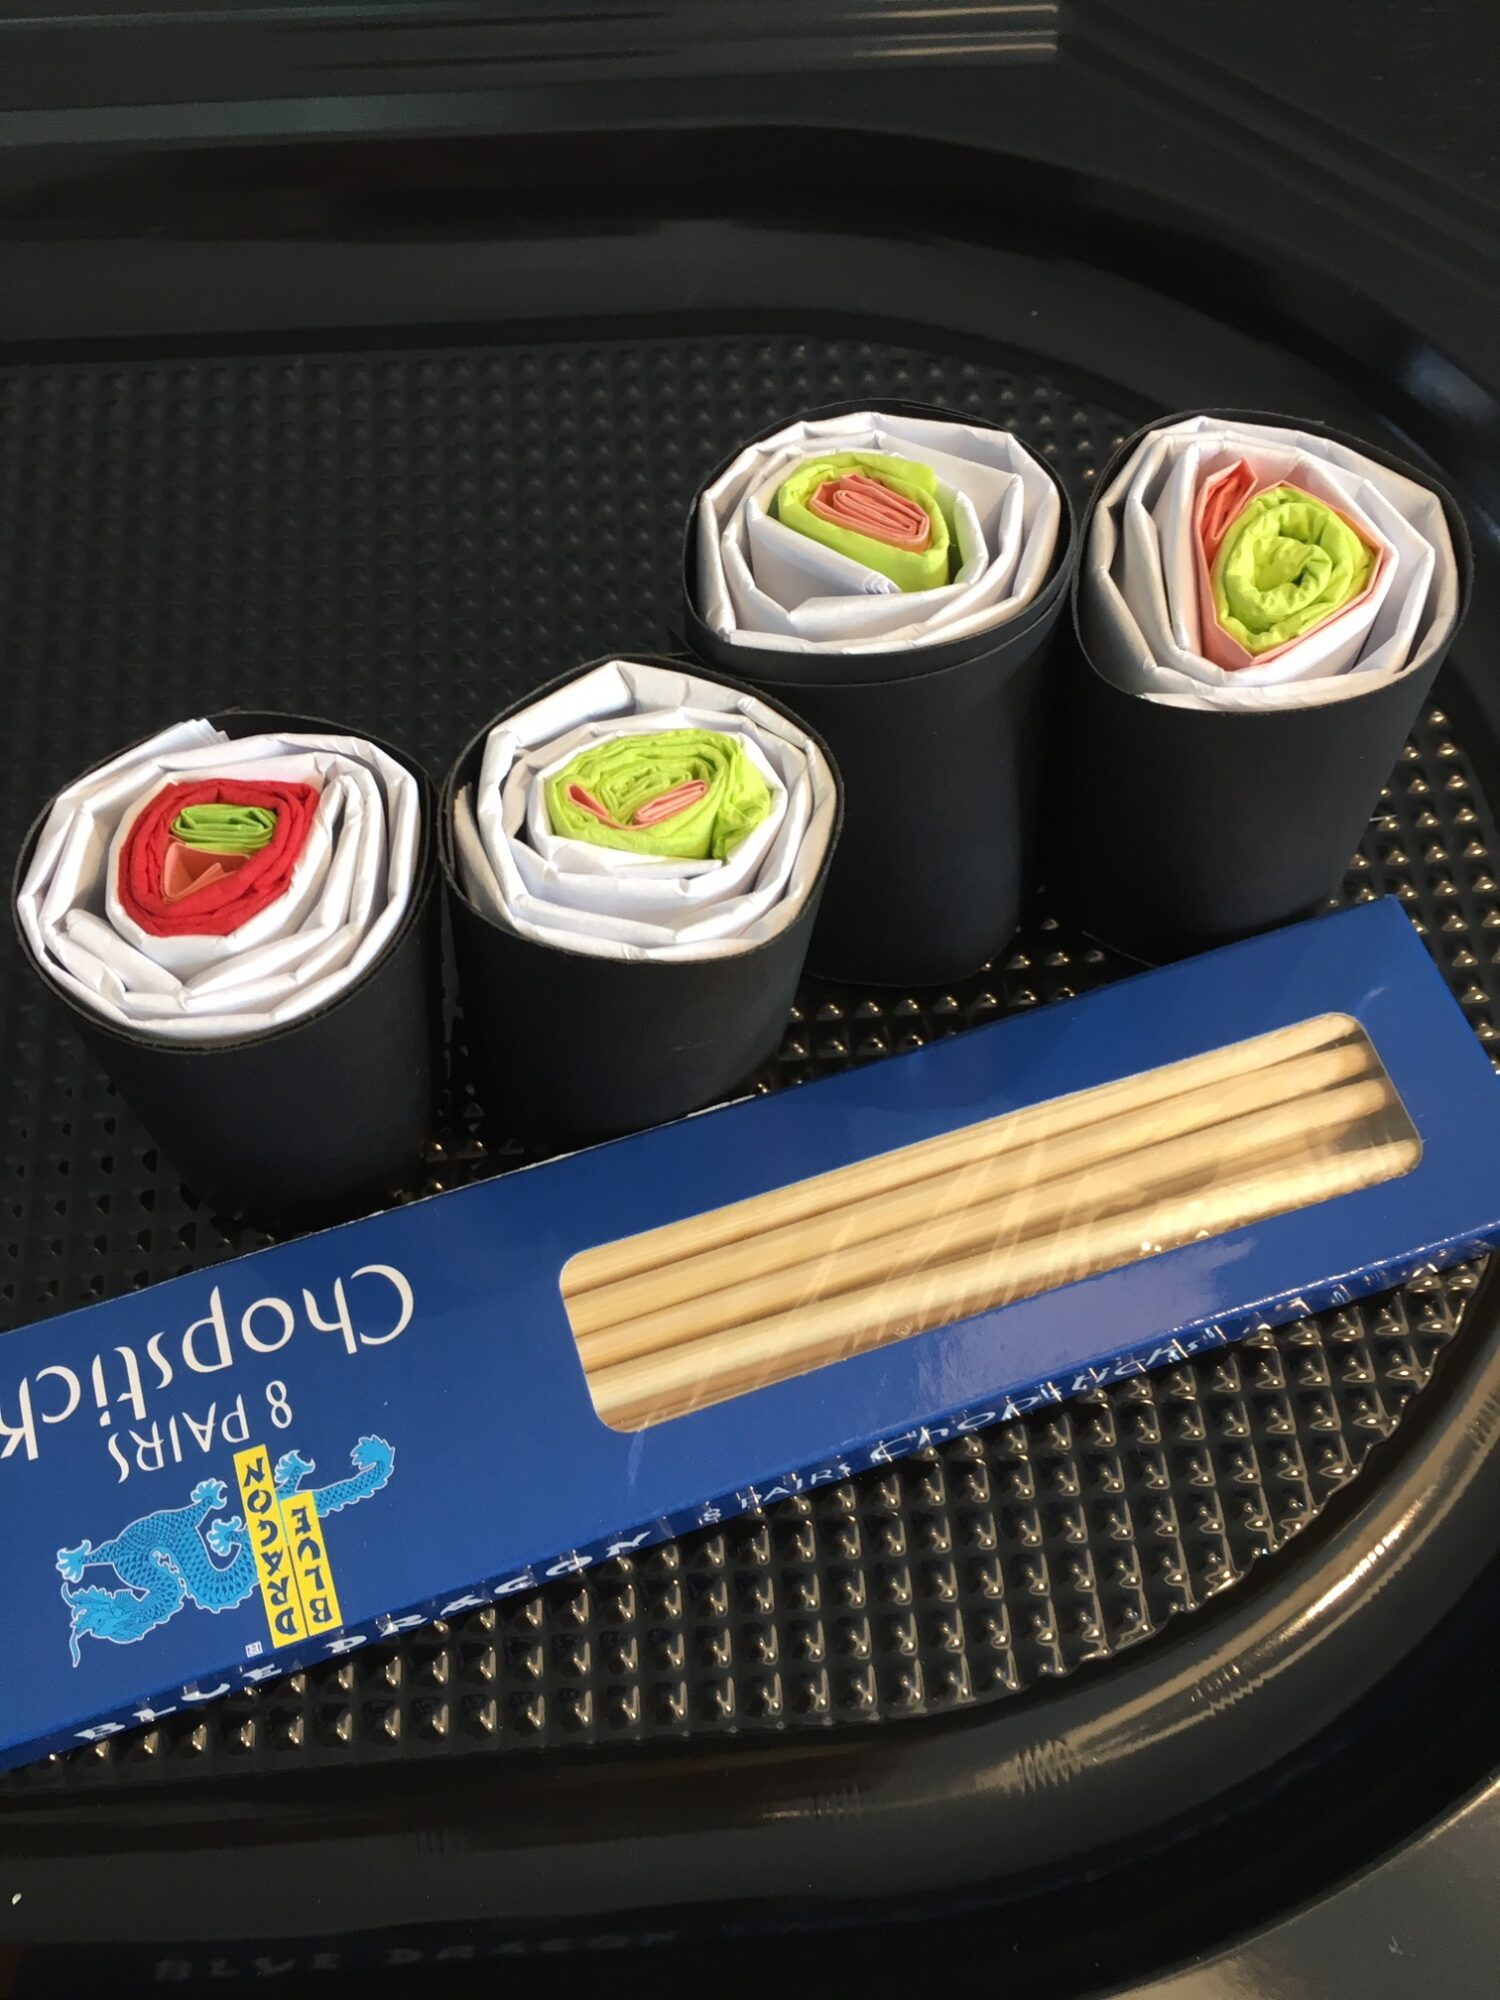 Sushi sang